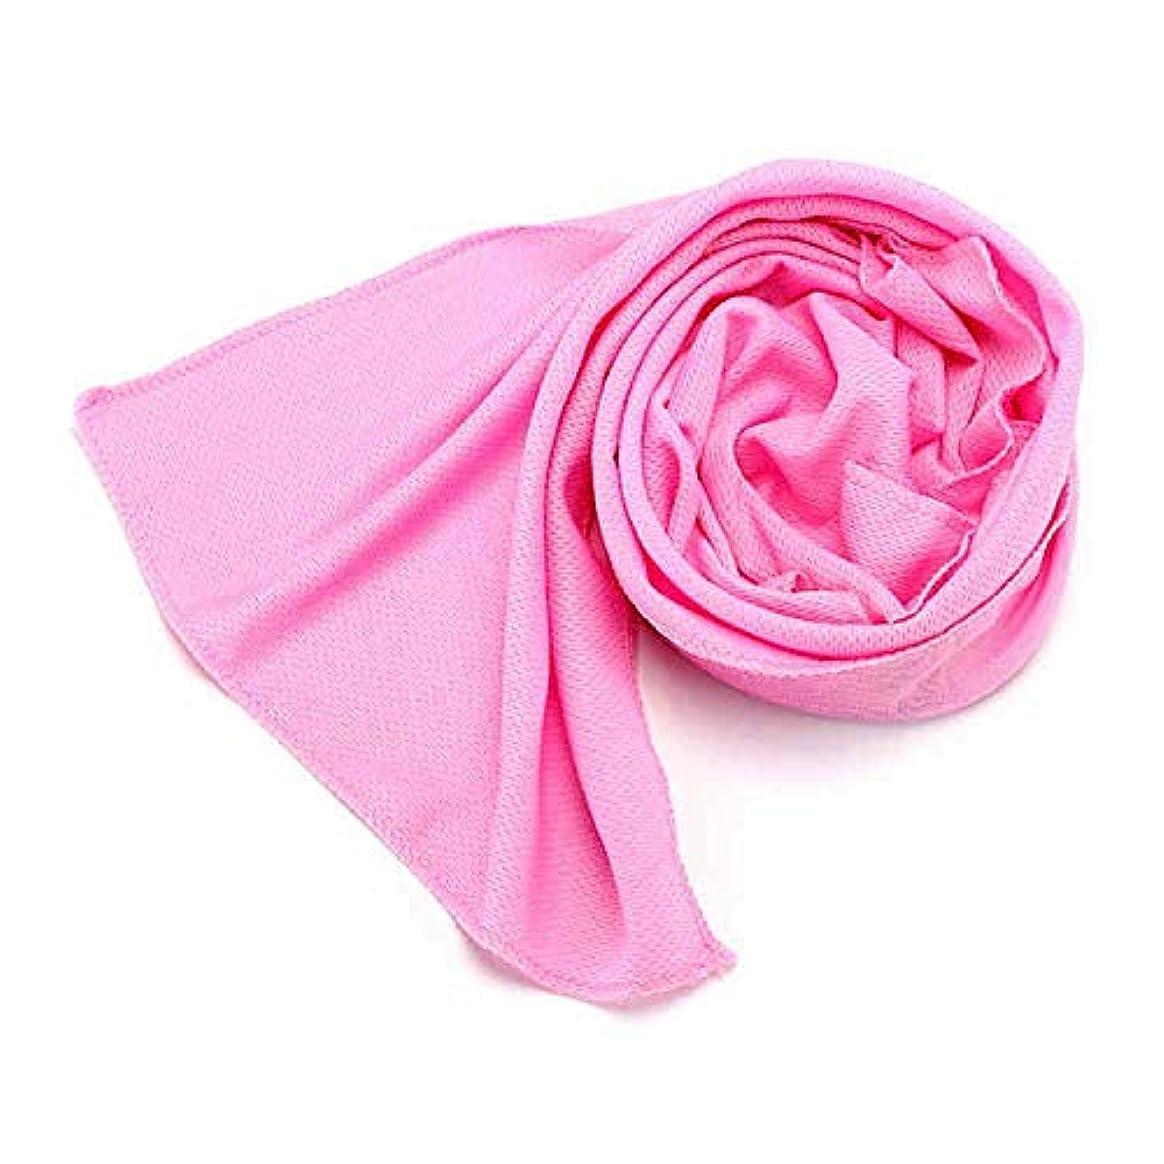 滑りやすいスクラッチナイロンMaxcrestas - 1pcs 30*90cm Men Women Cool Sport Sweat Absorbing Towel Ice Cooling Gym Face Towels toalla Gift